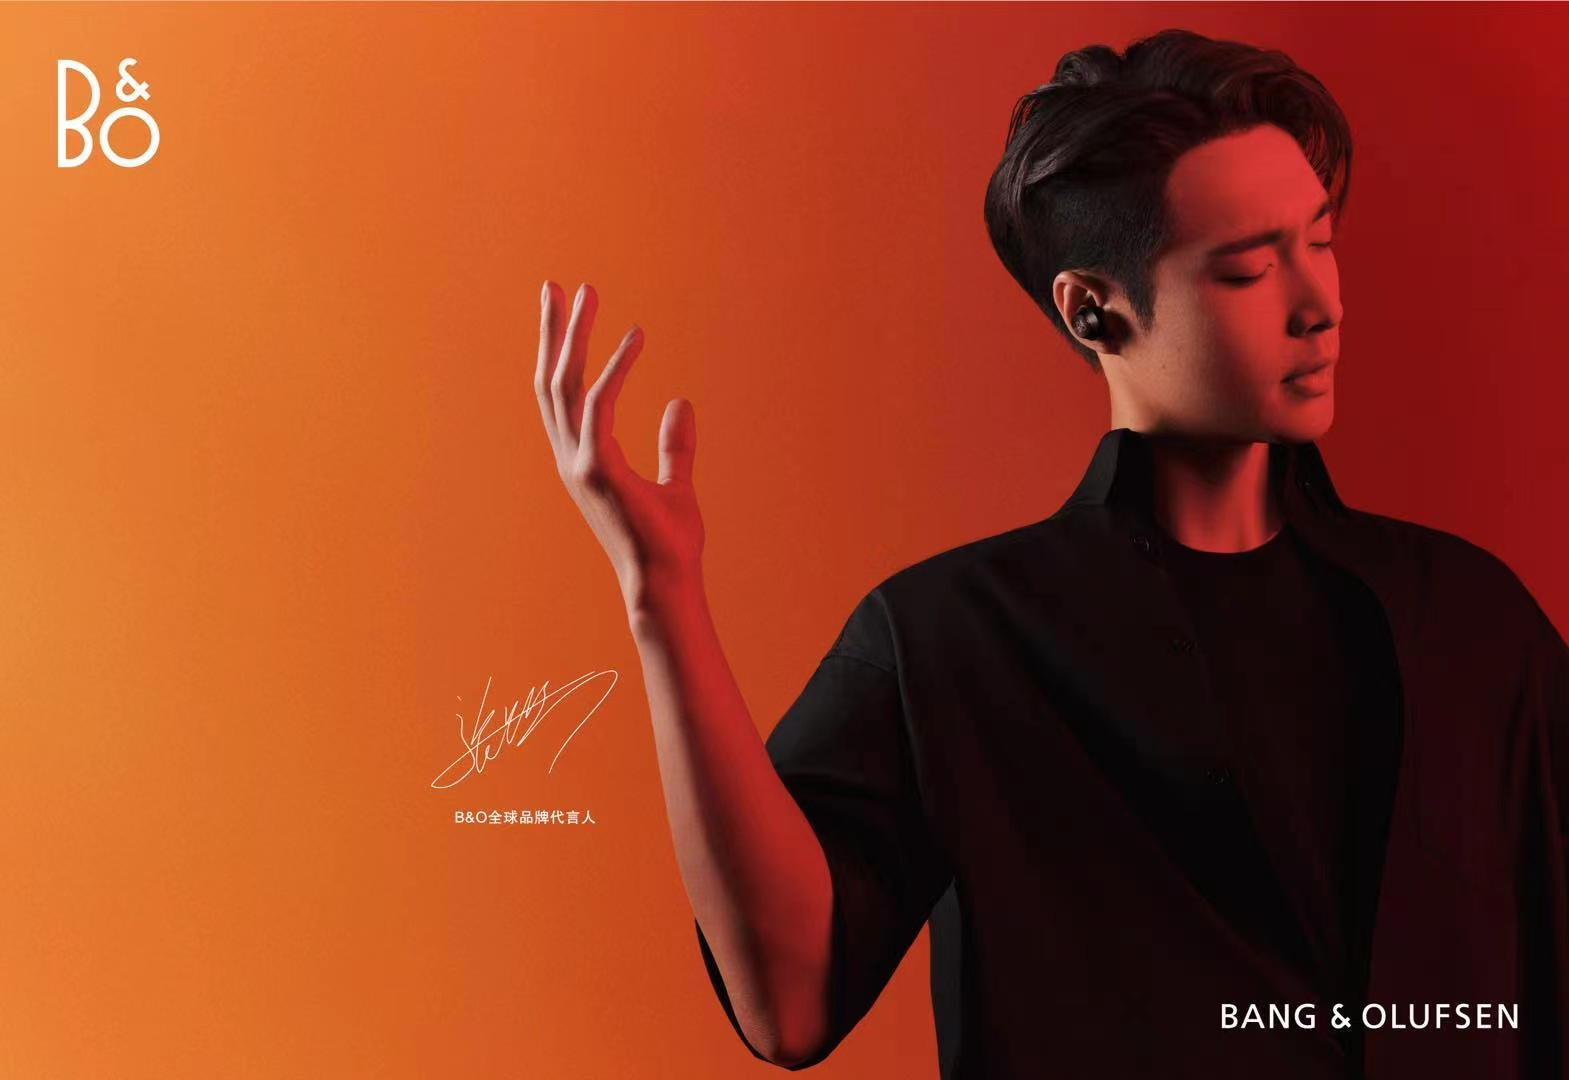 张艺兴成为中国区首位全球品牌代言人